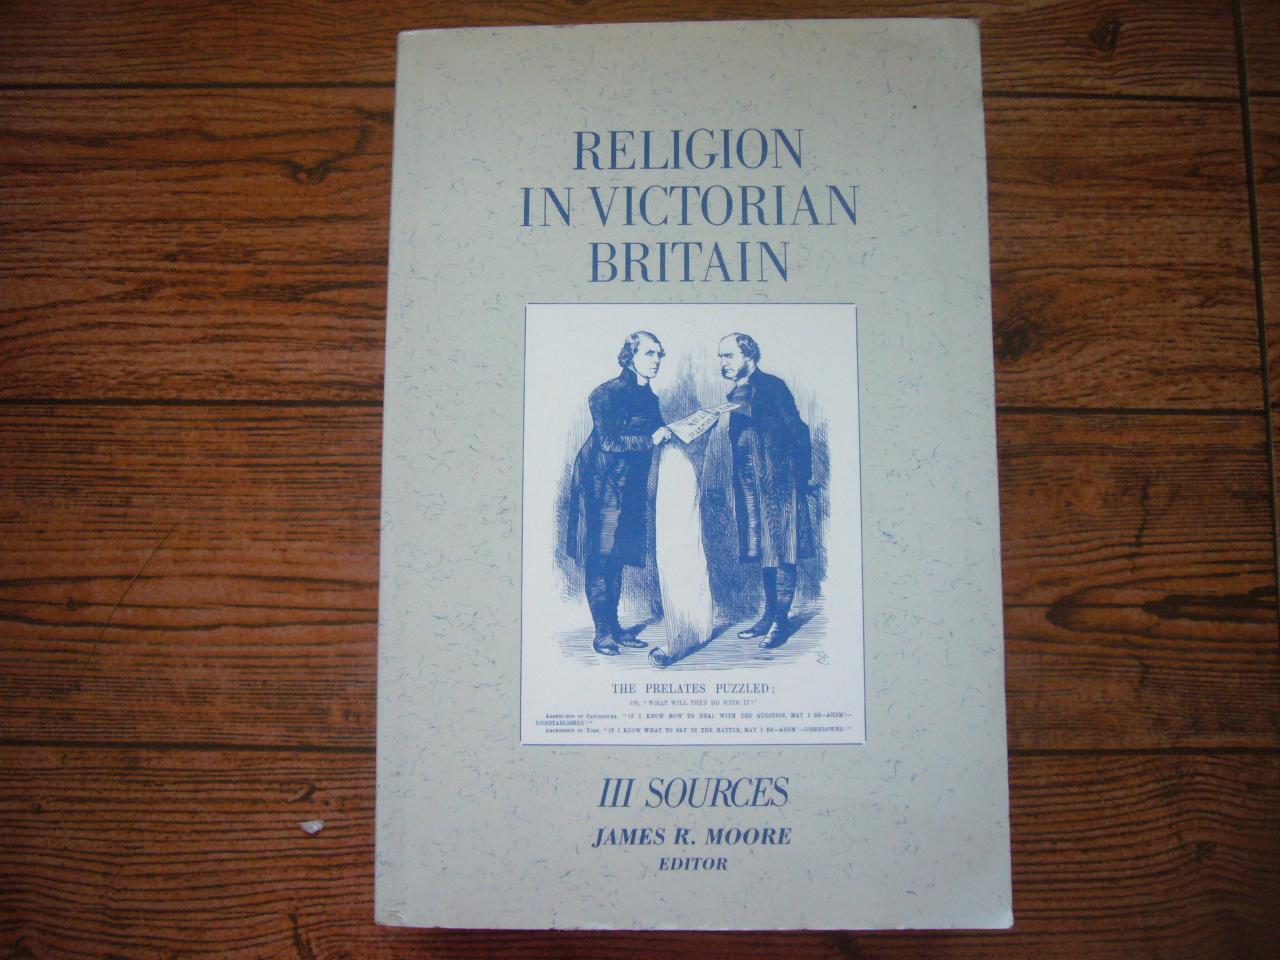 Religion in Victorian Britain